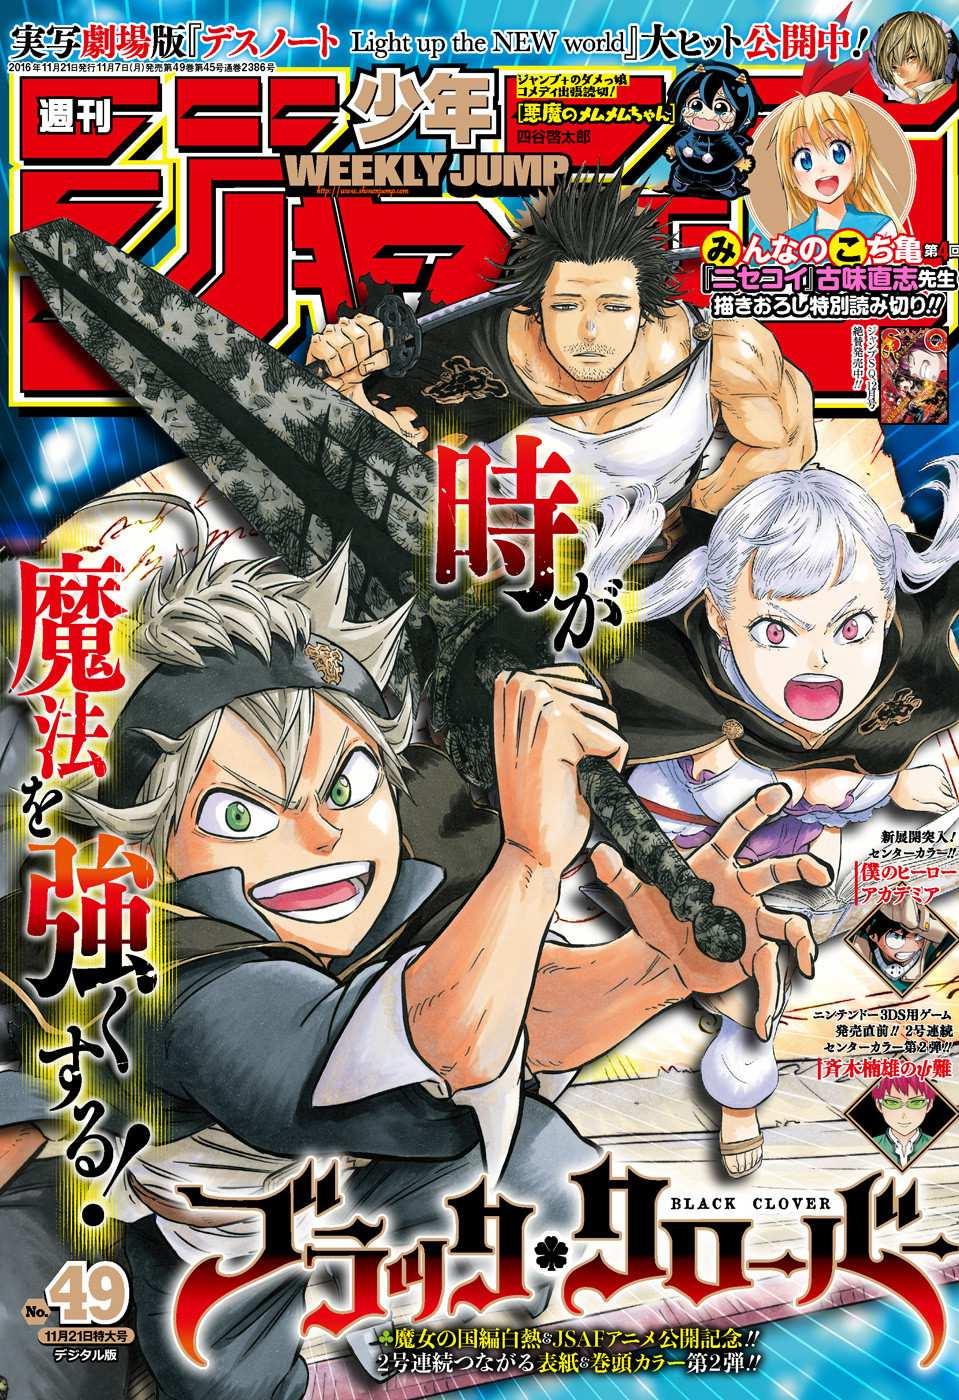 週刊少年ジャンプ 2016年49号 [Weekly Shonen Jump 2016-49]